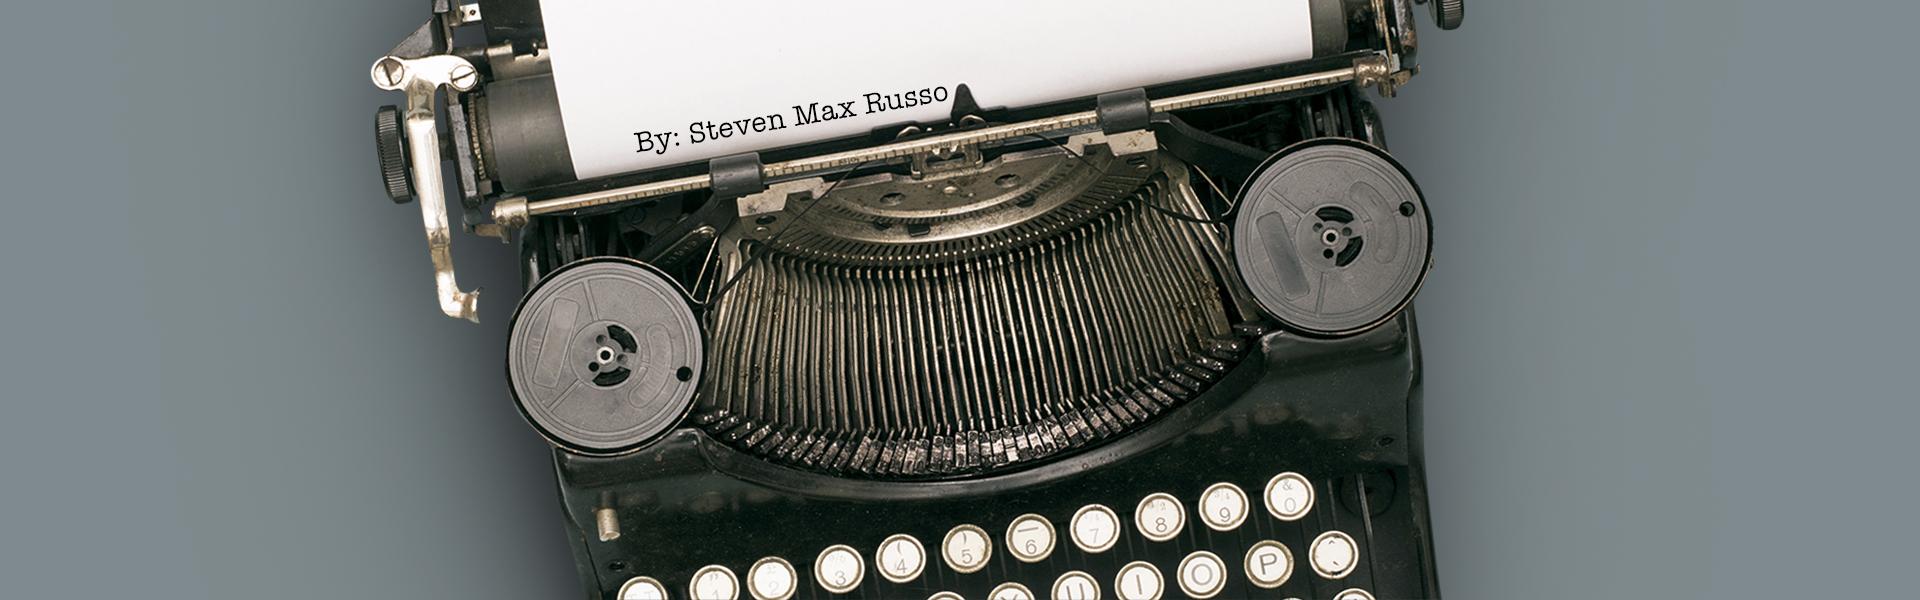 StevenMaxRussoBooks